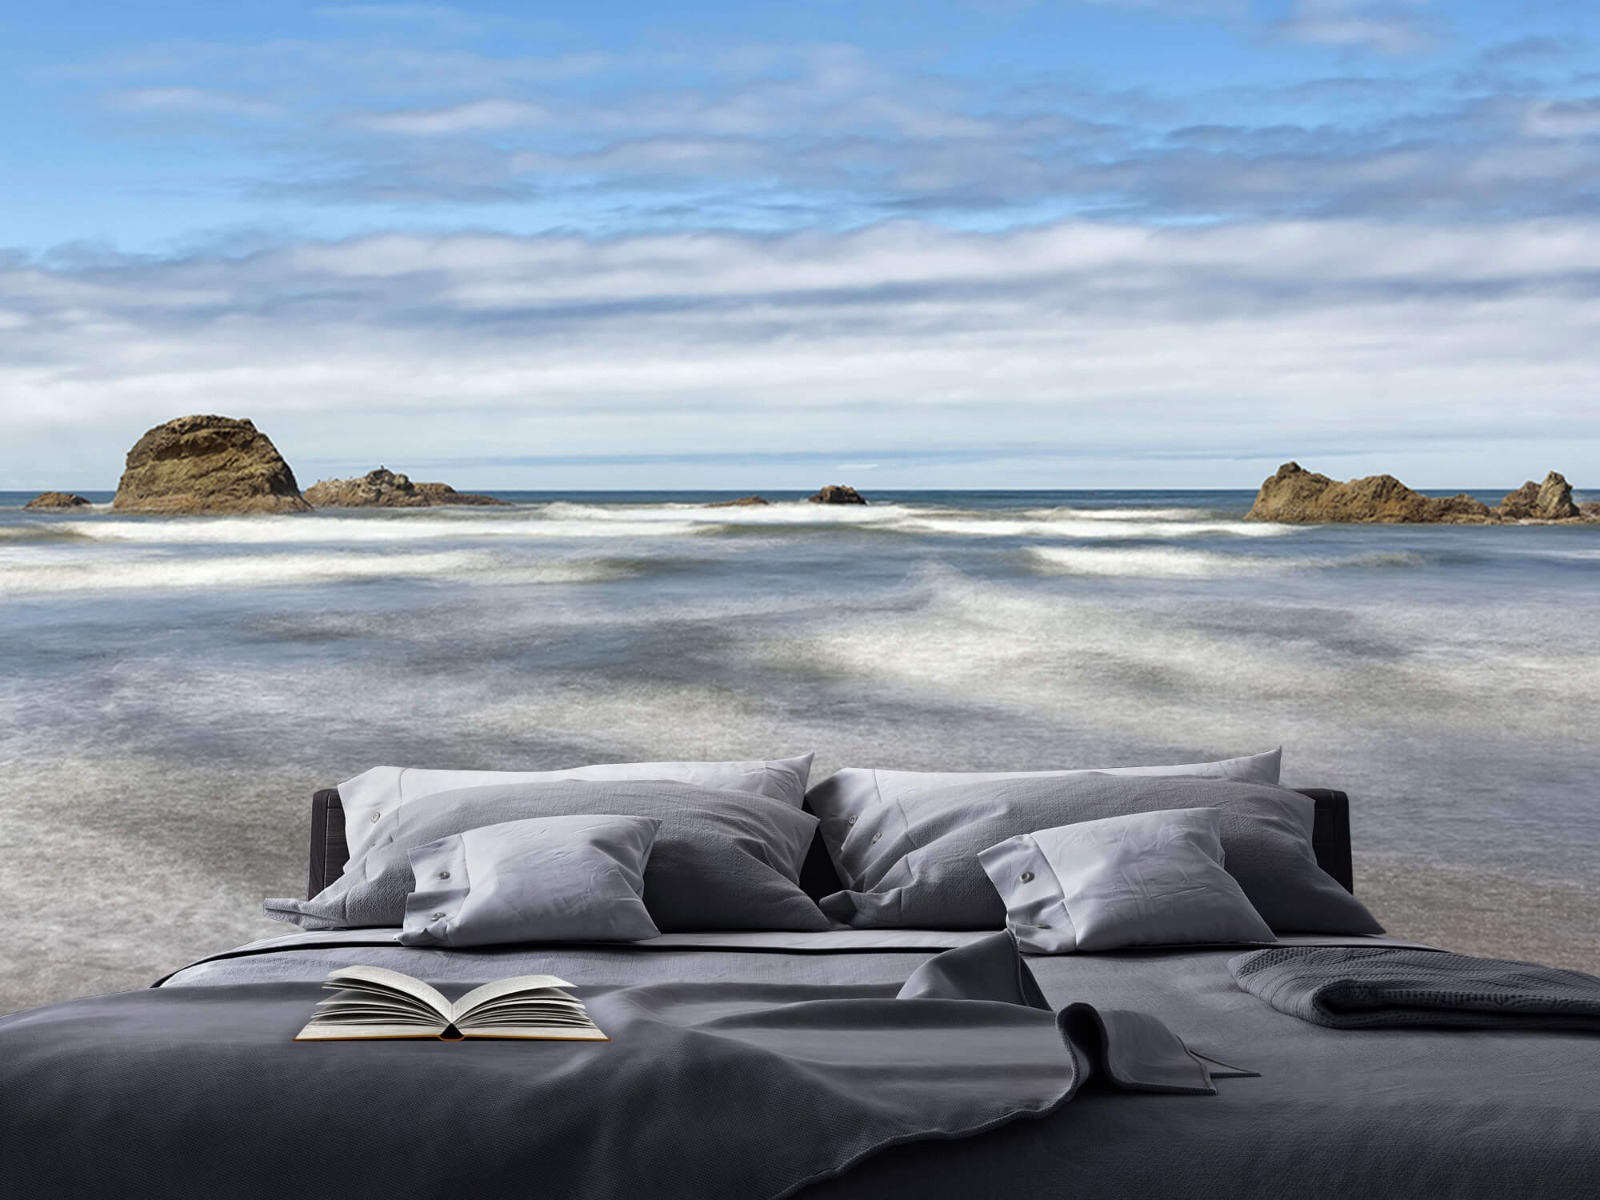 Zeeën en Oceanen - Strand met rotsen - Slaapkamer 19